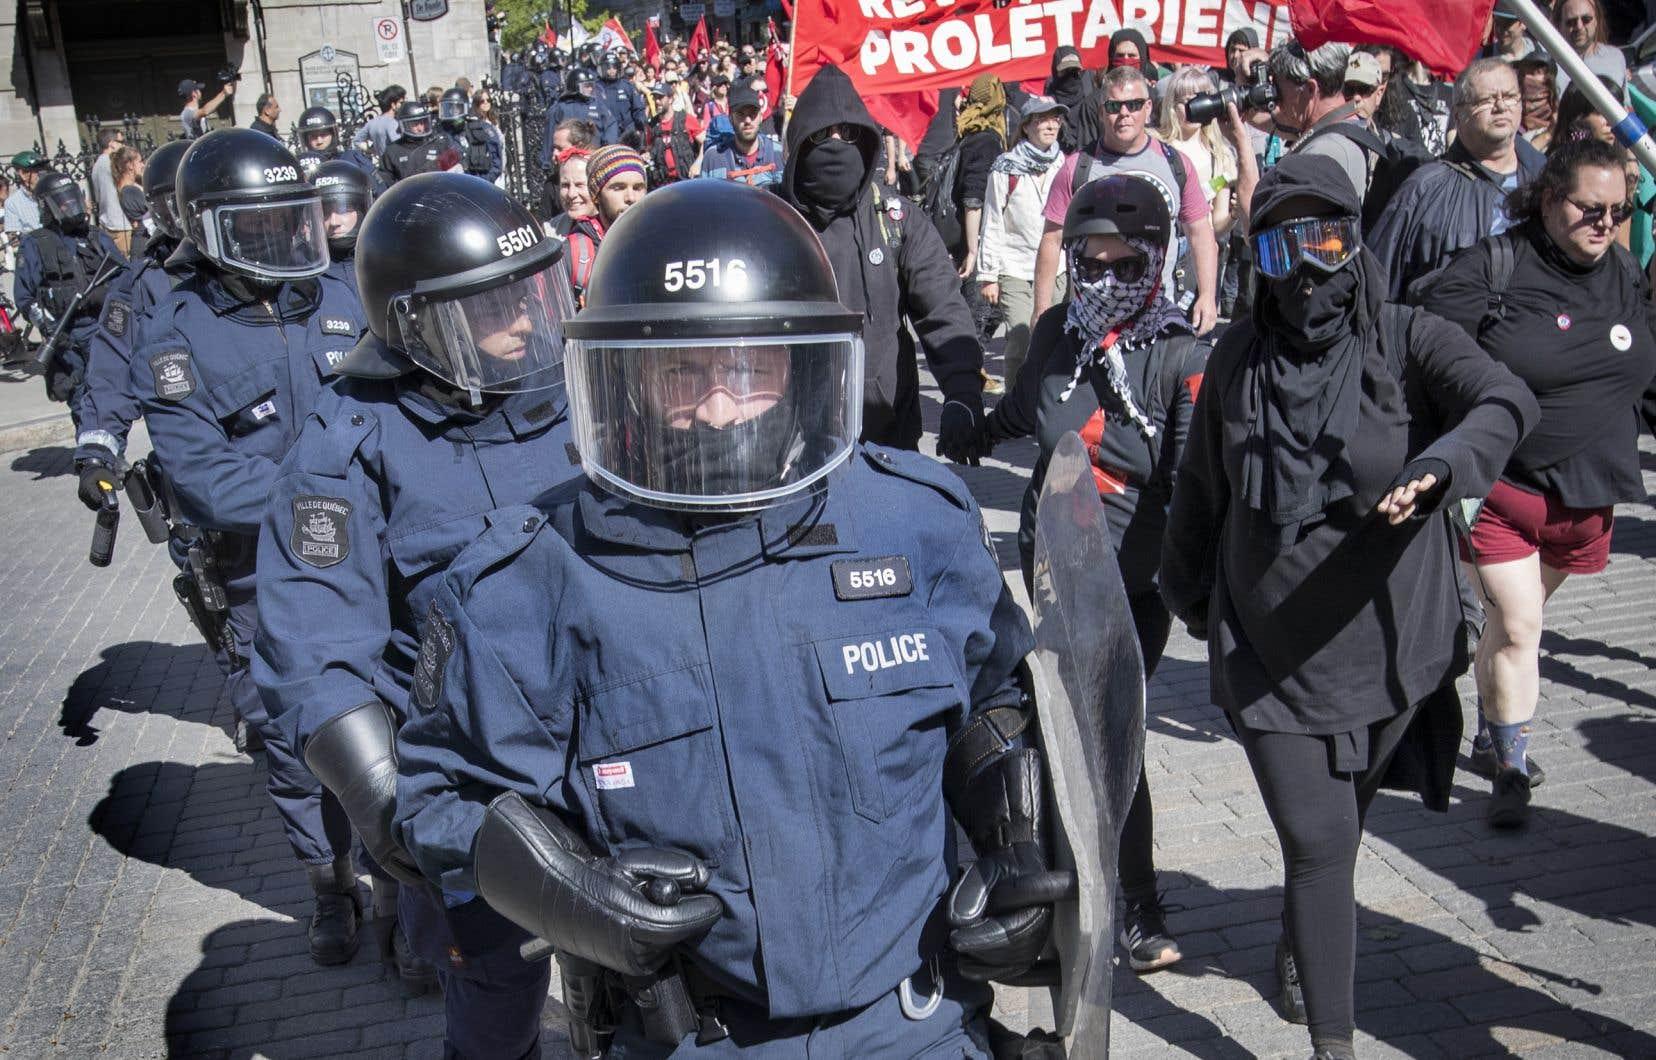 Même si on nous a répété qu'elles étaient surtout menées par des personnes voulant en découdre avec les forces de police, les manifestations se sont déroulées pacifiquement dans l'ensemble à Québec, souligne l'auteur.